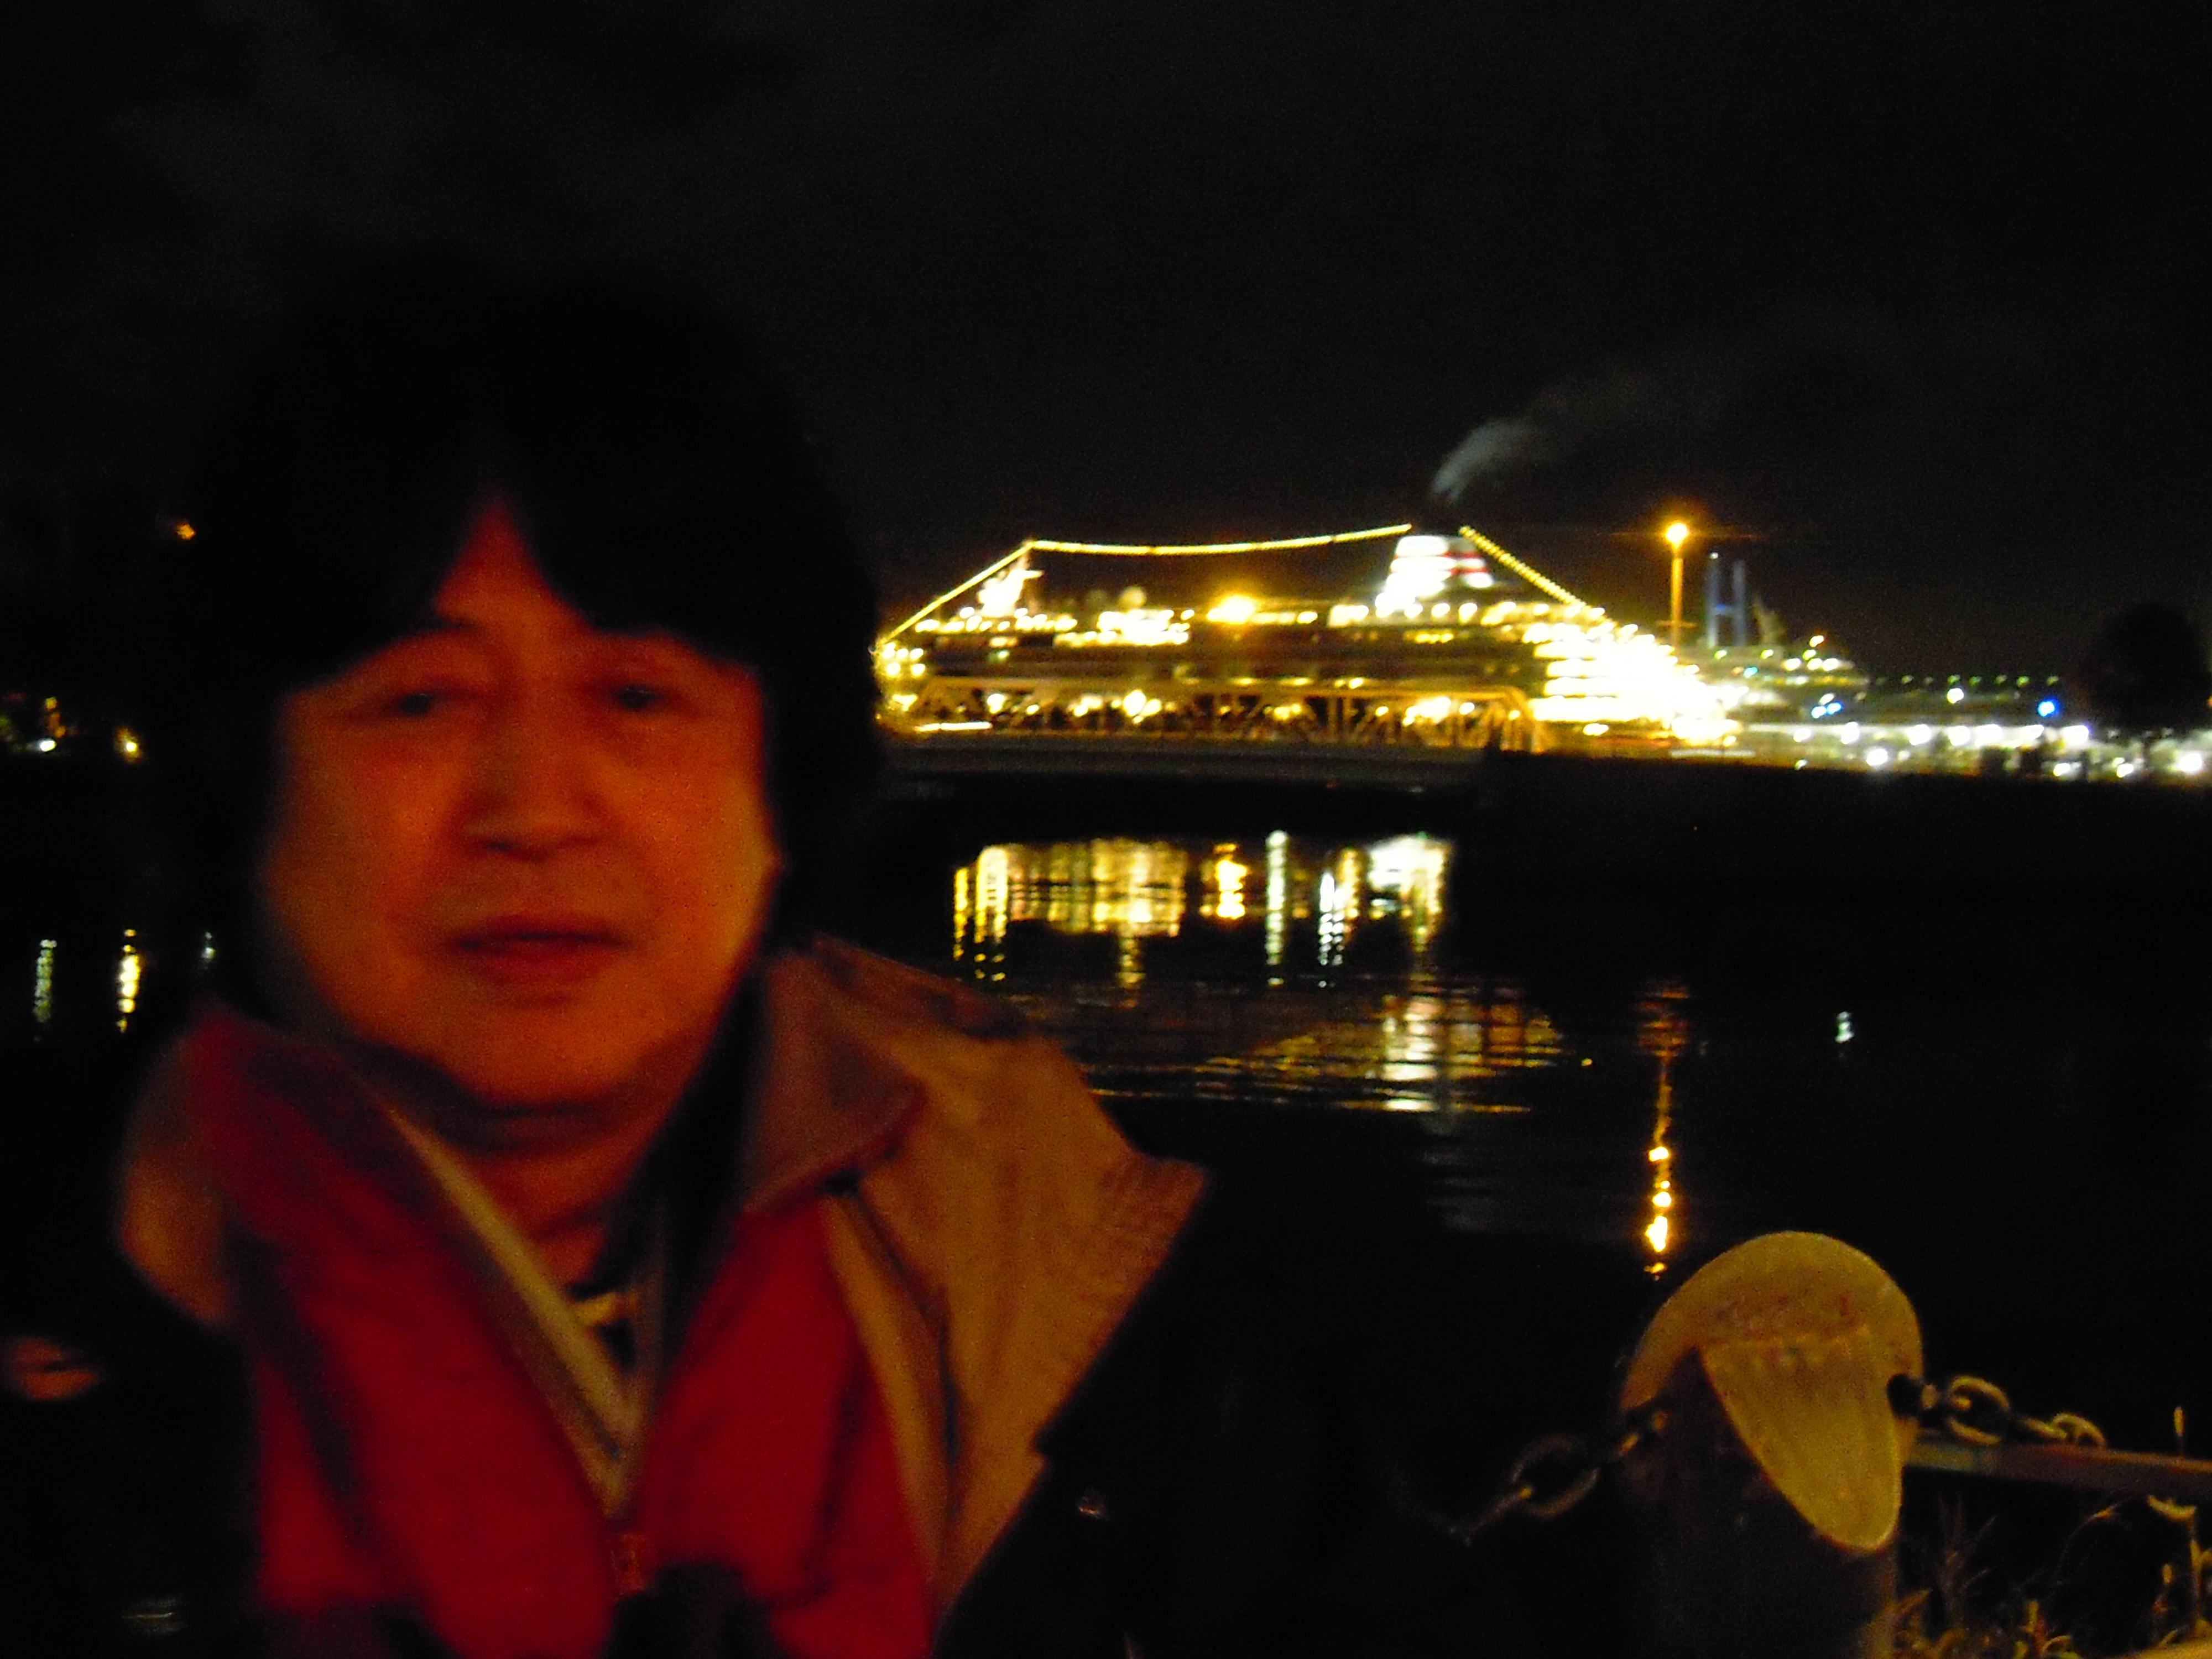 大桟橋には本日夜に出航する豪華客船・飛鳥Ⅱが停泊していました。無数の電飾に浮かび上がるシルエットがきれいです。「こんな船でライブクルーズしてみたいなあ」